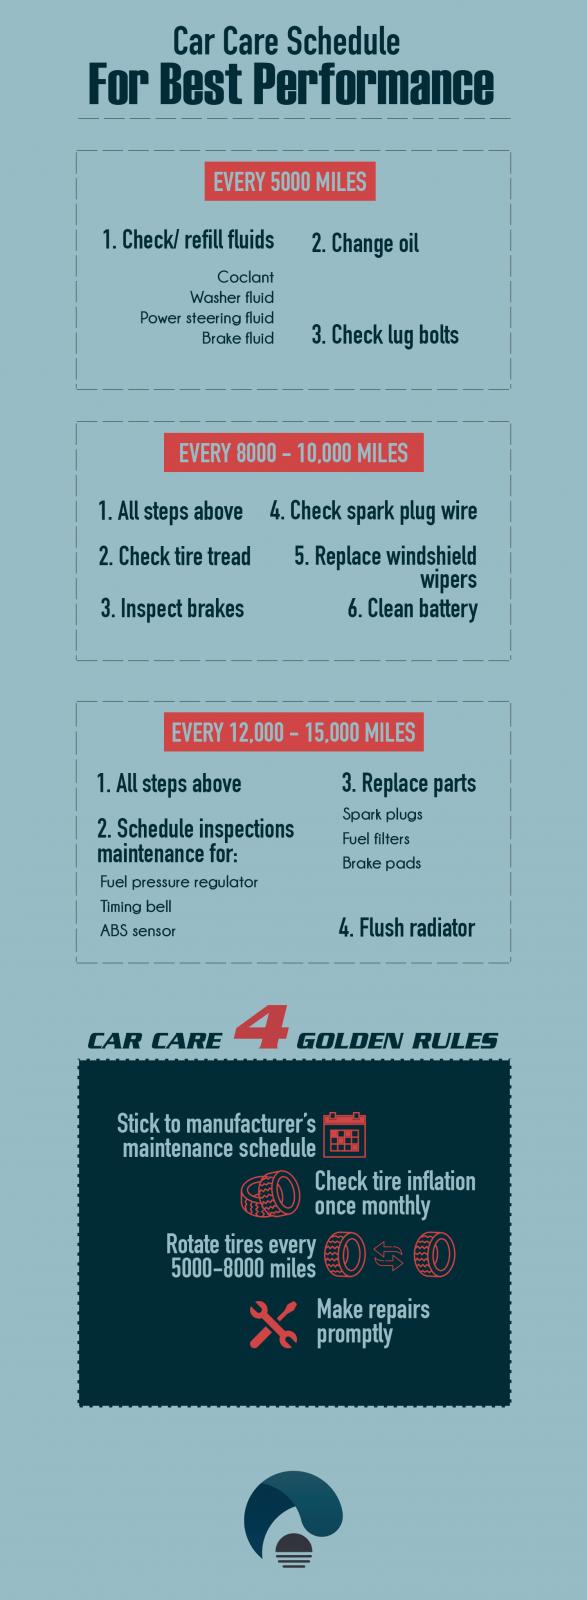 Car care schedule